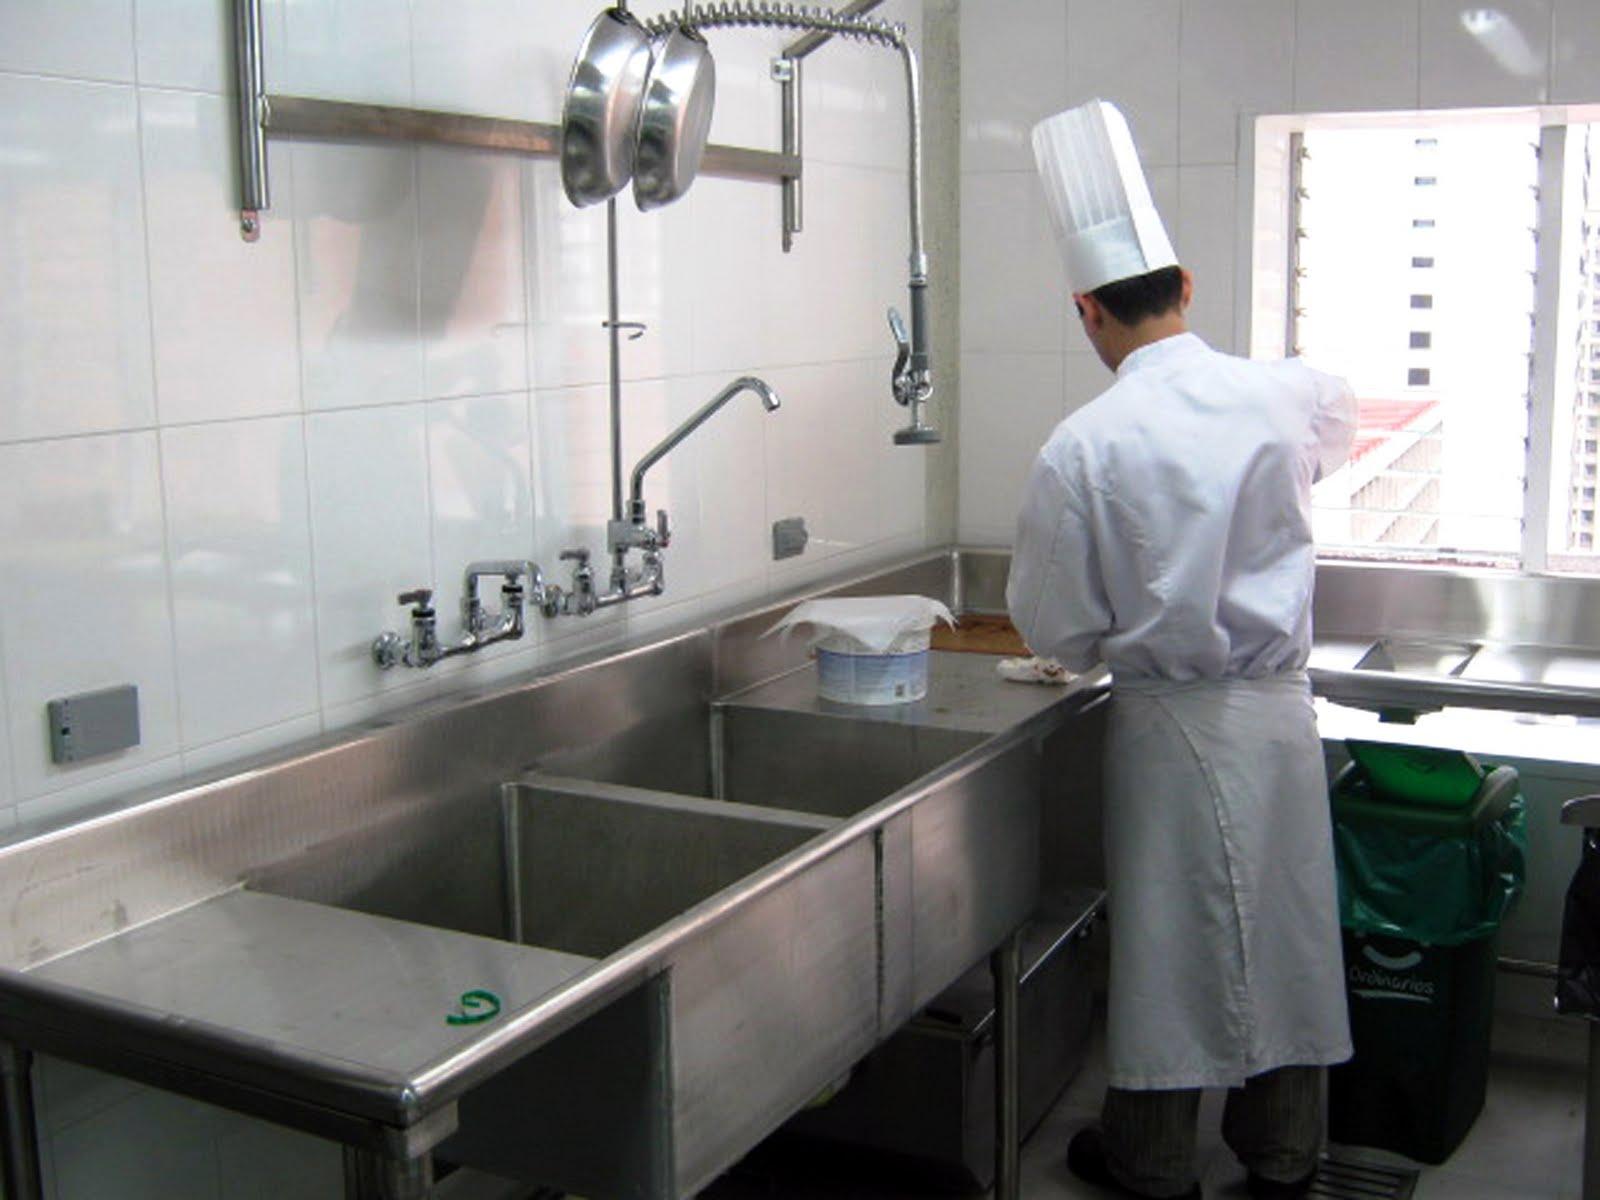 Heladeria normas de higiene personal utensilios y for Utensilios y materiales de una cocina de restaurante